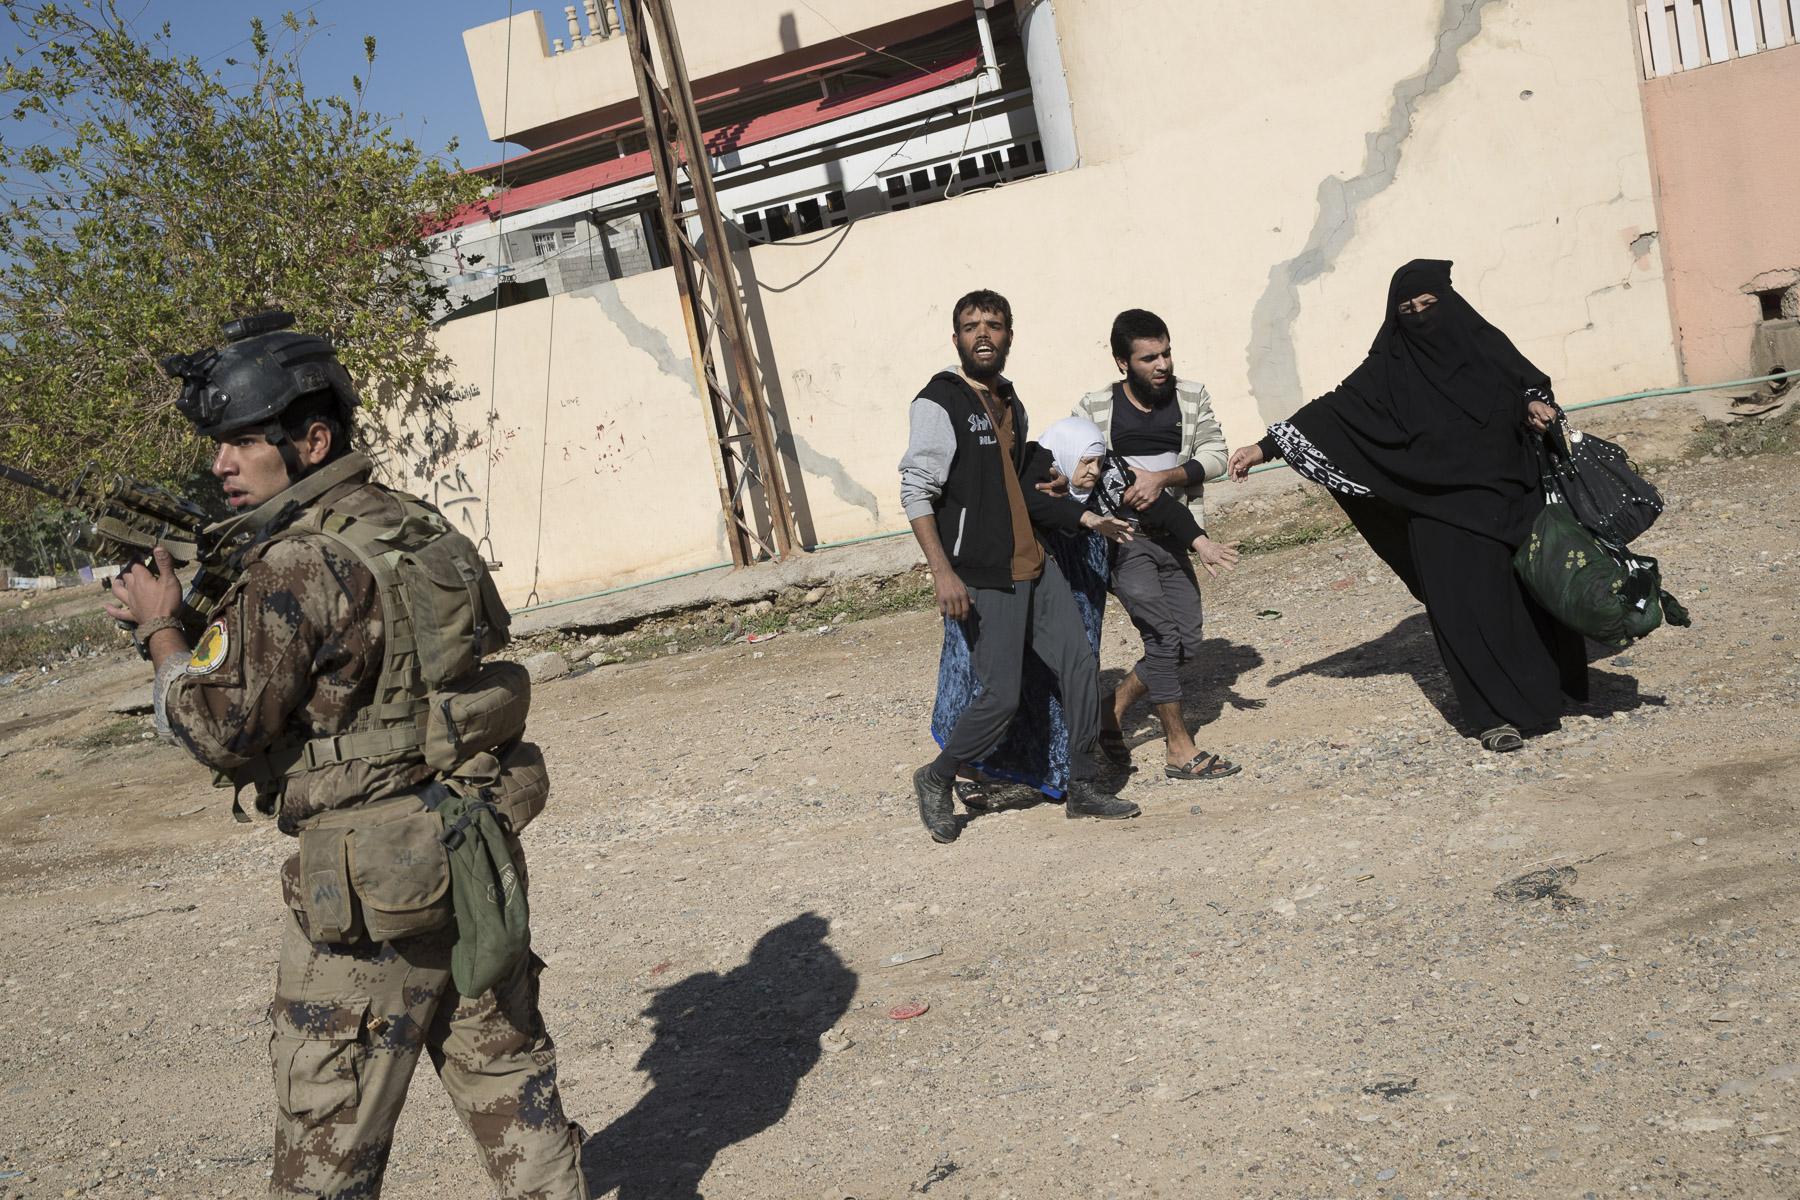 Arrivée de réfugiés de la partie occupée par Daech dans les lignes des forces spéciales.